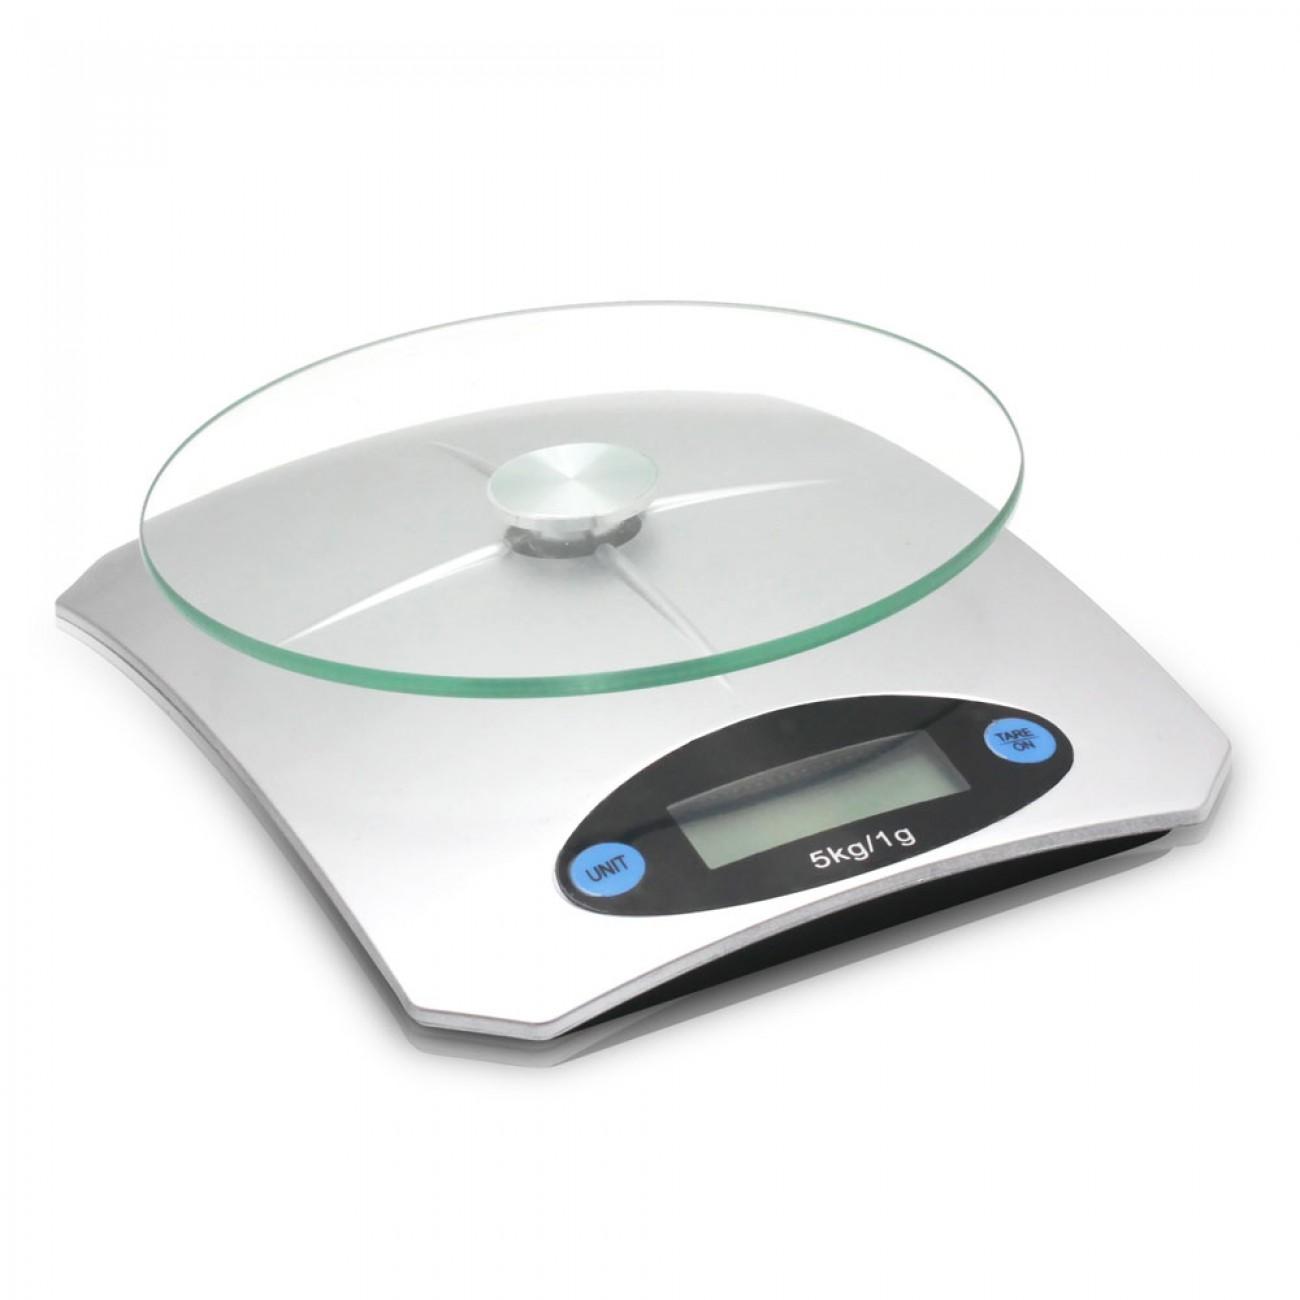 Кухненска дигитална везна SAPIR SP 1651 K, 5 кг, LCD екран, Включена батерия, Сив в Кухненски везни - SAPIR | Alleop